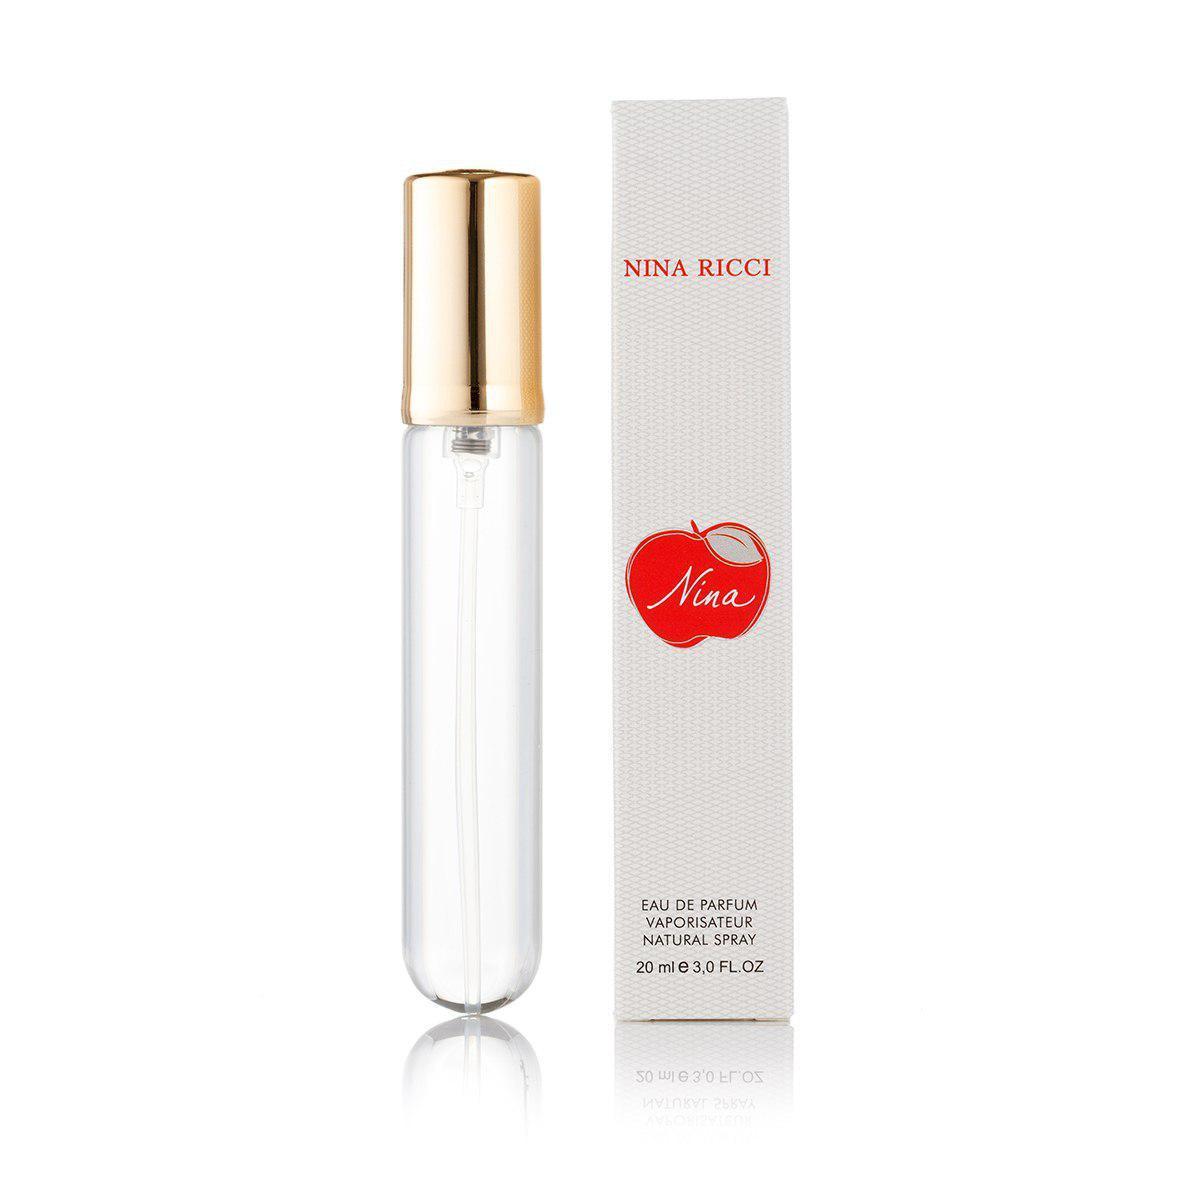 Женский минипарфюм Nina Ricci Nina 20 ml (реплика)